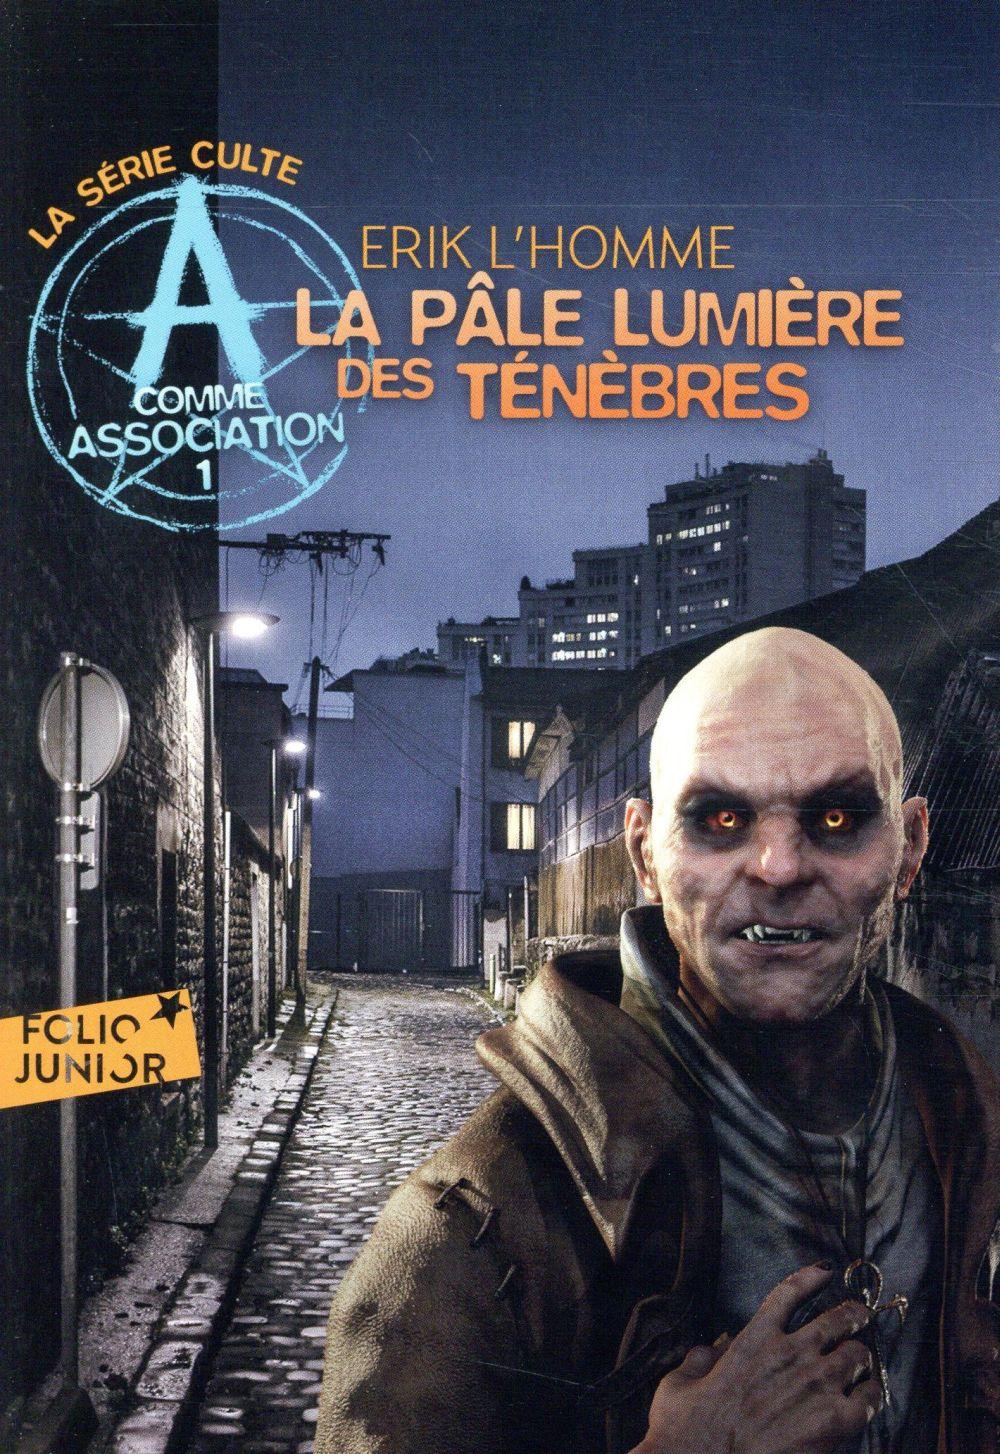 A COMME ASSOCIATION, 1 : LA PALE LUMIERE DES TENEBRES